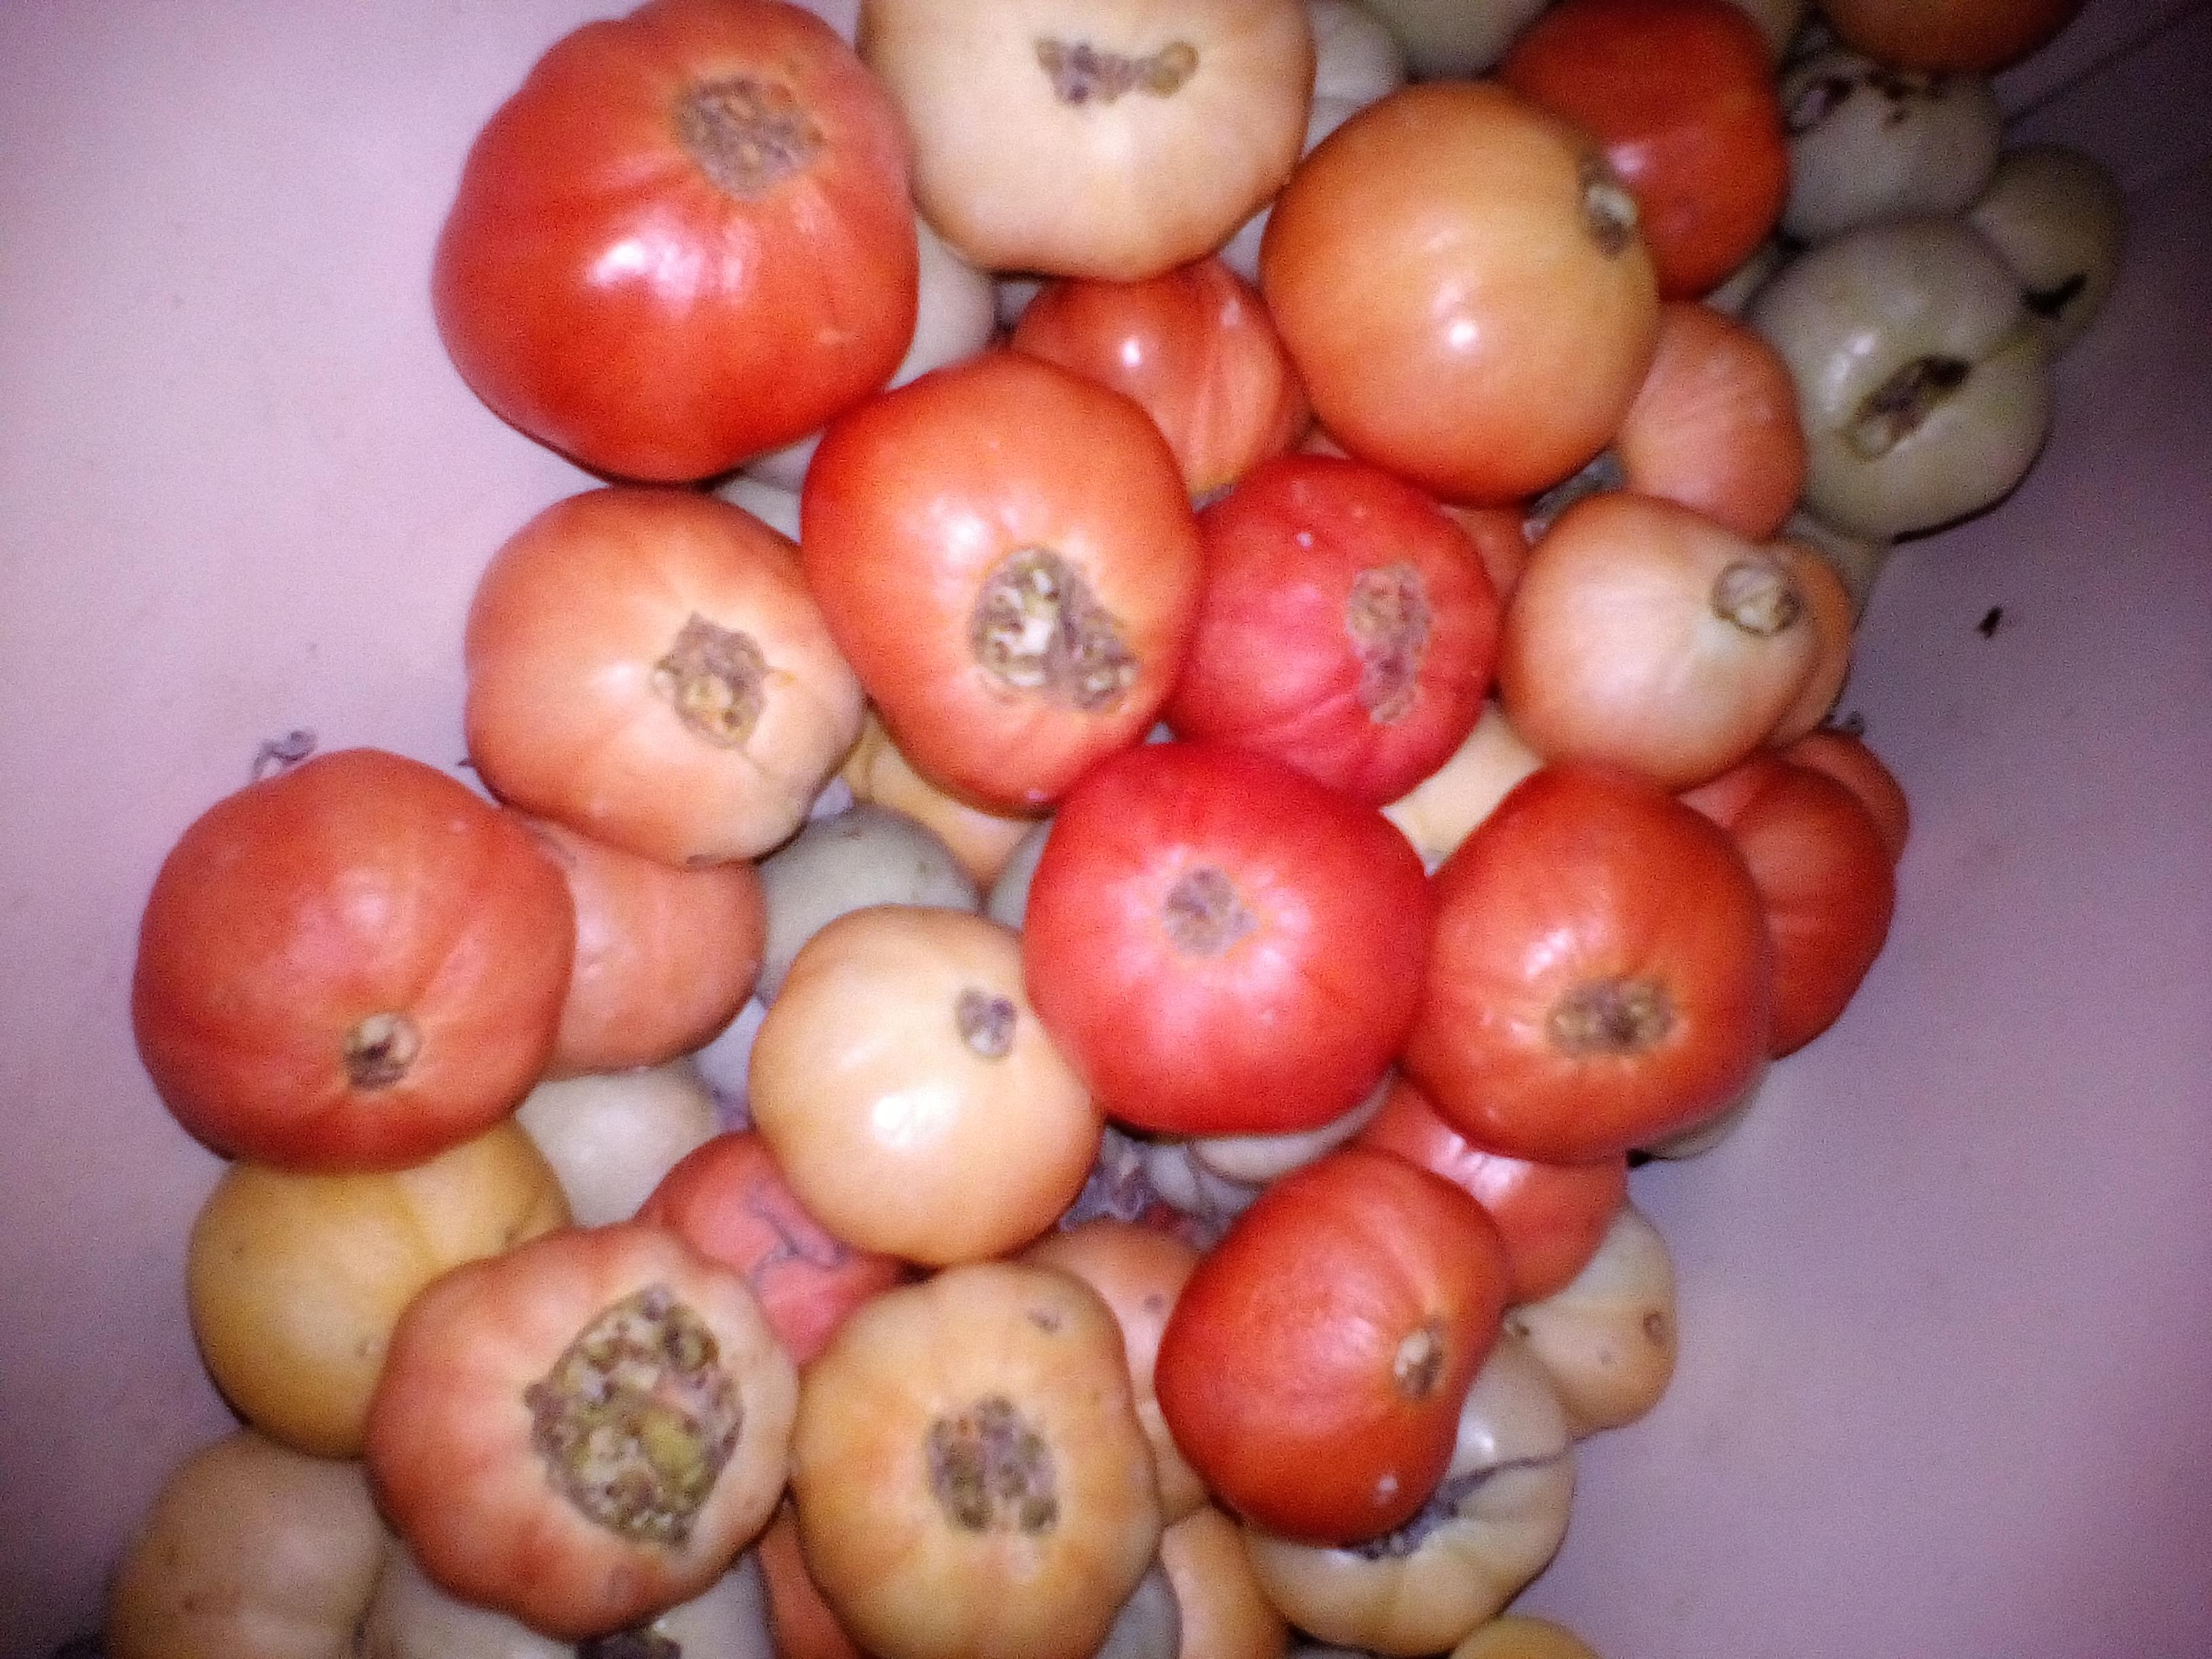 Белые пятна на помидорах в теплице: на рассаде, листьях, плодах, причины появления, симптом каких заболеваний, способы лечения 39